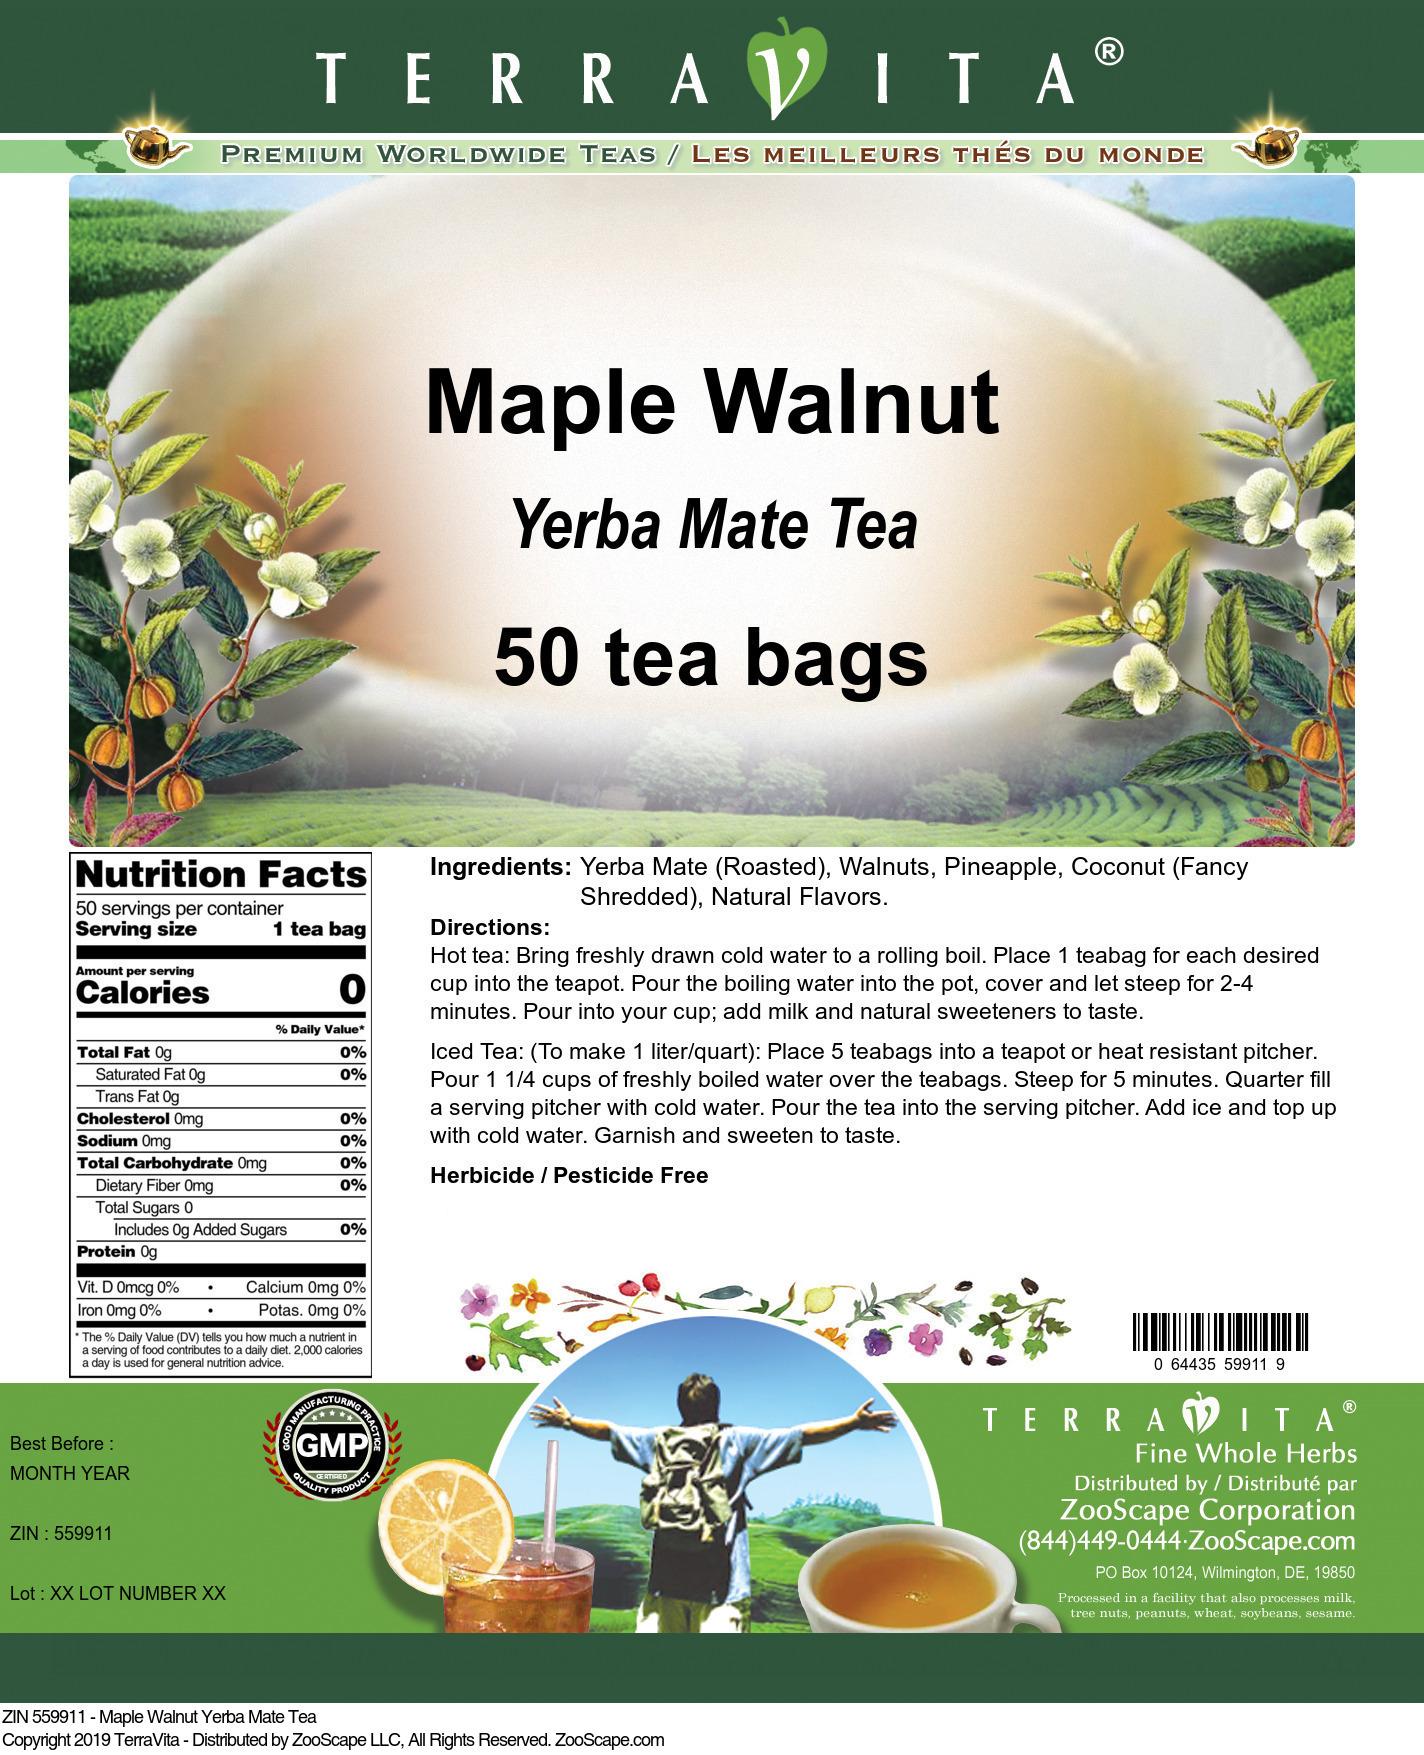 Maple Walnut Yerba Mate Tea